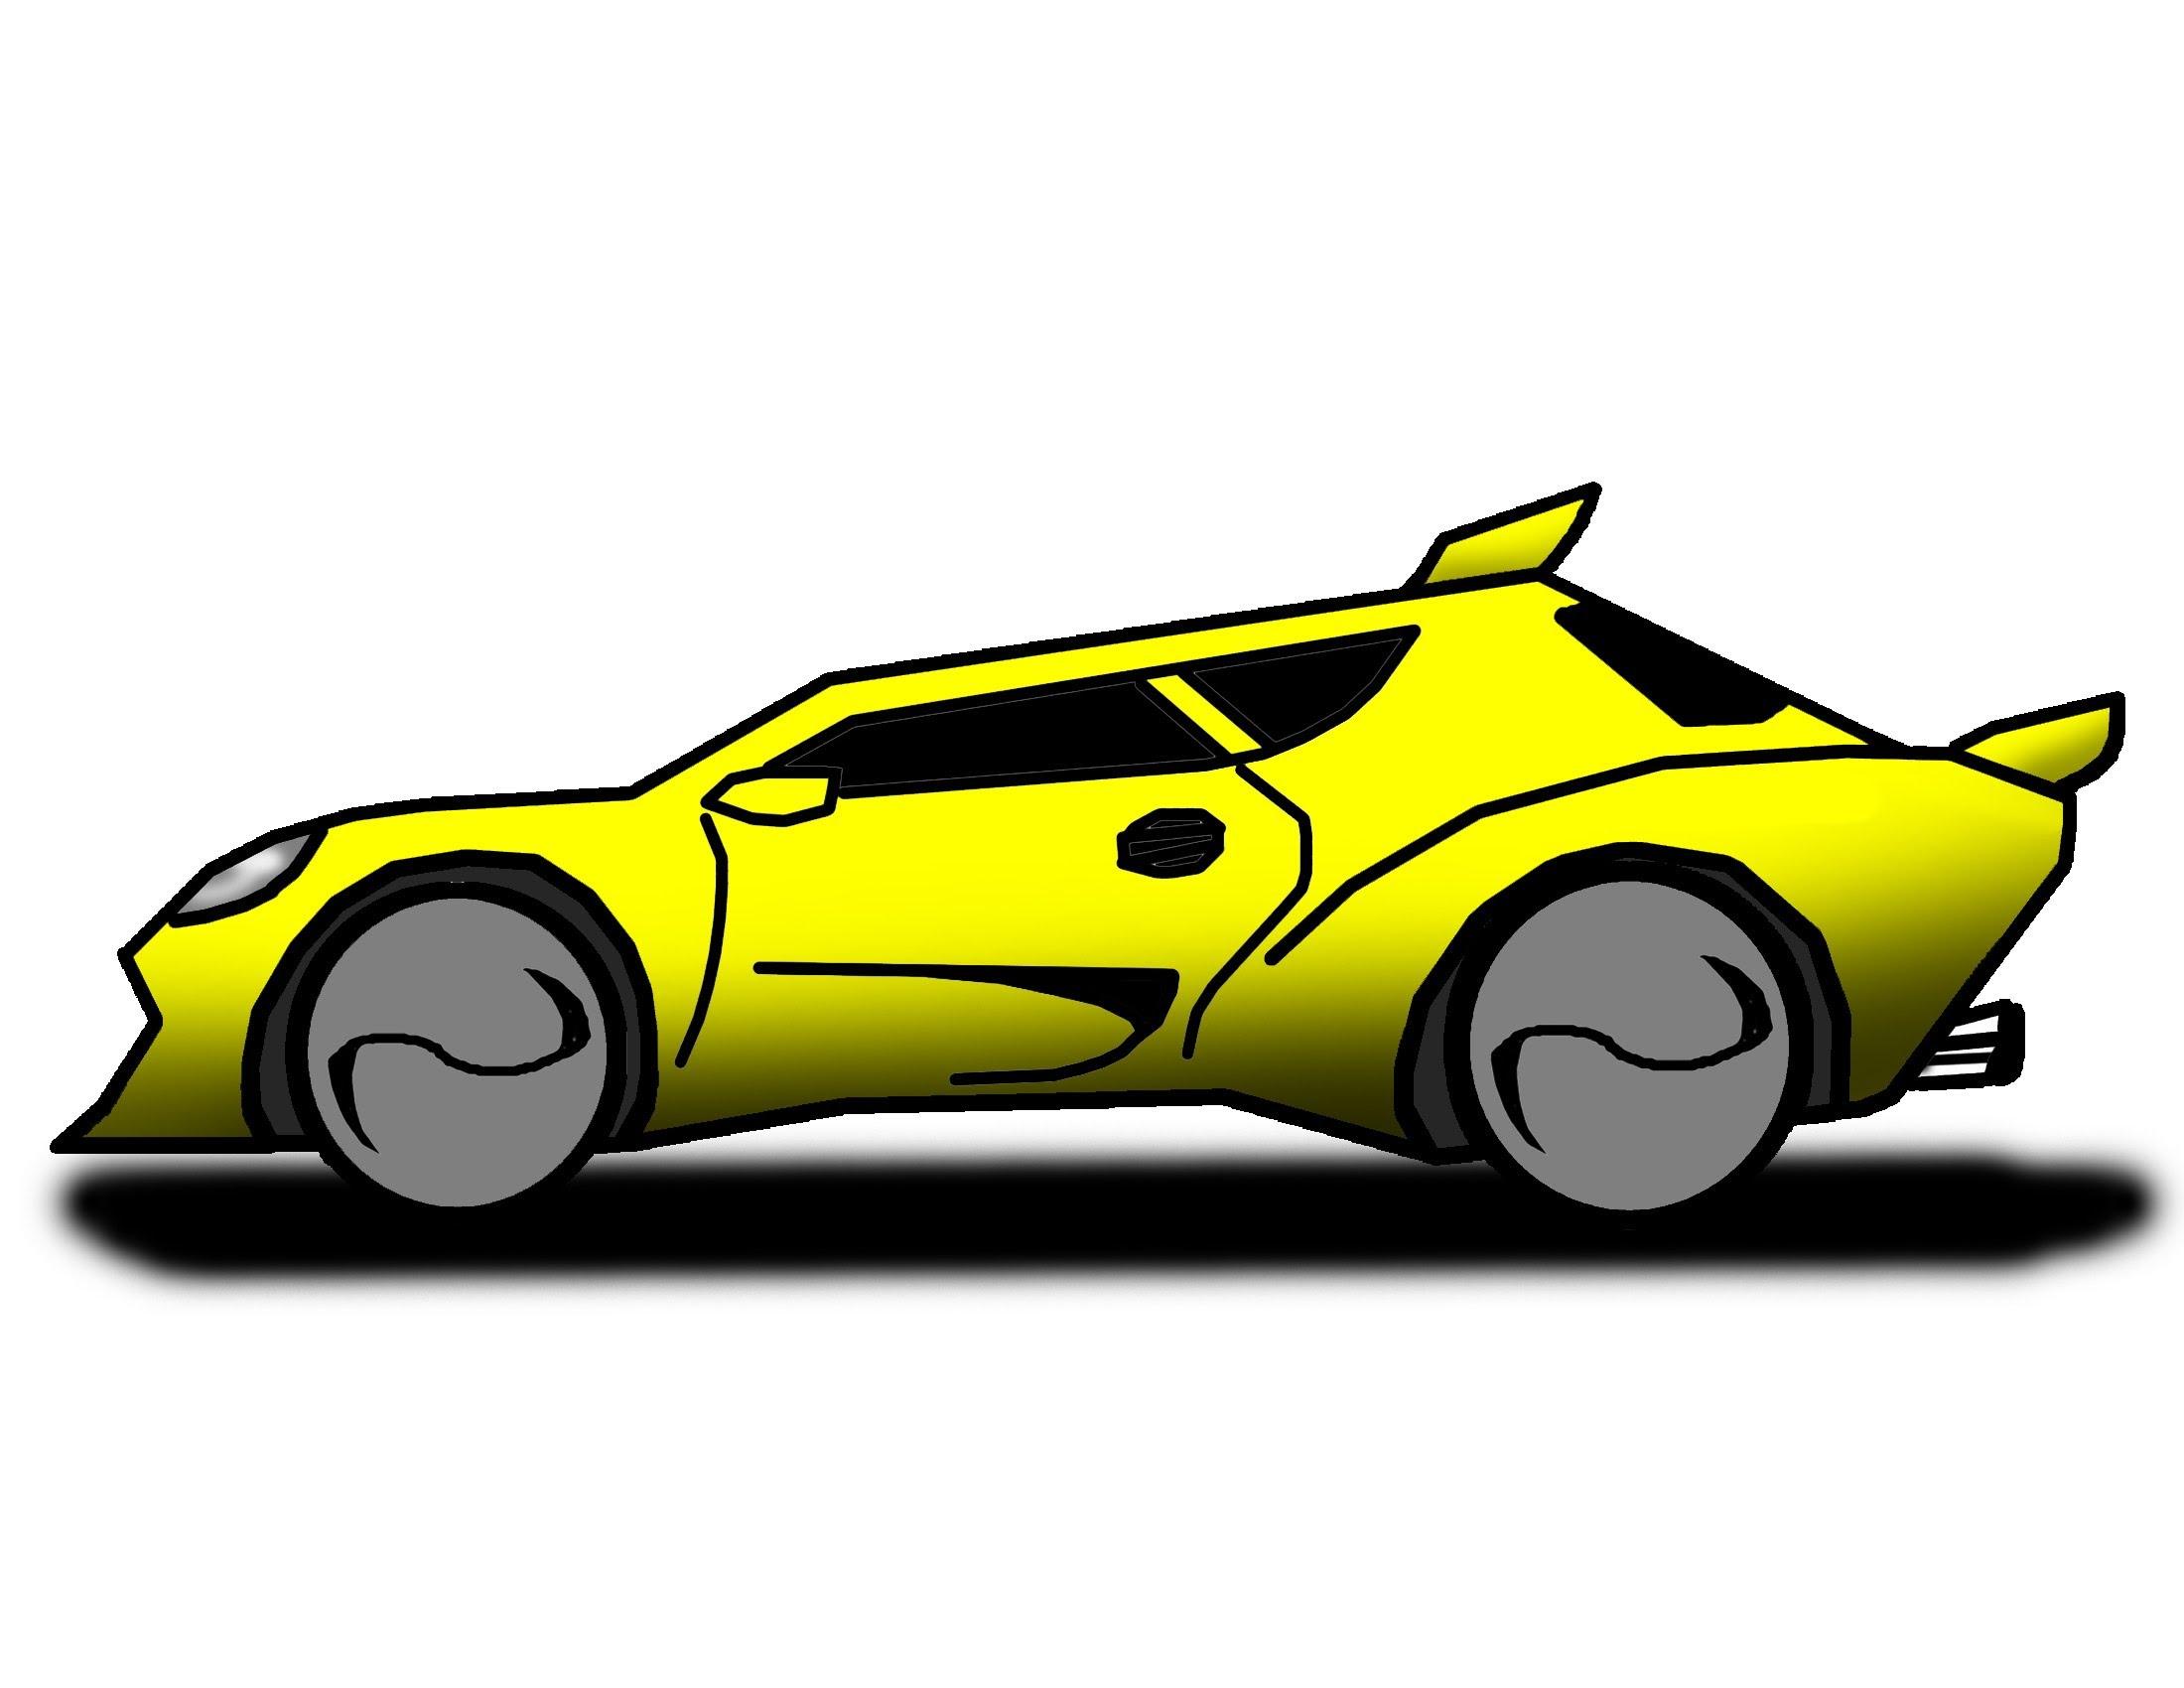 2200x1700 Cartoon Race Car